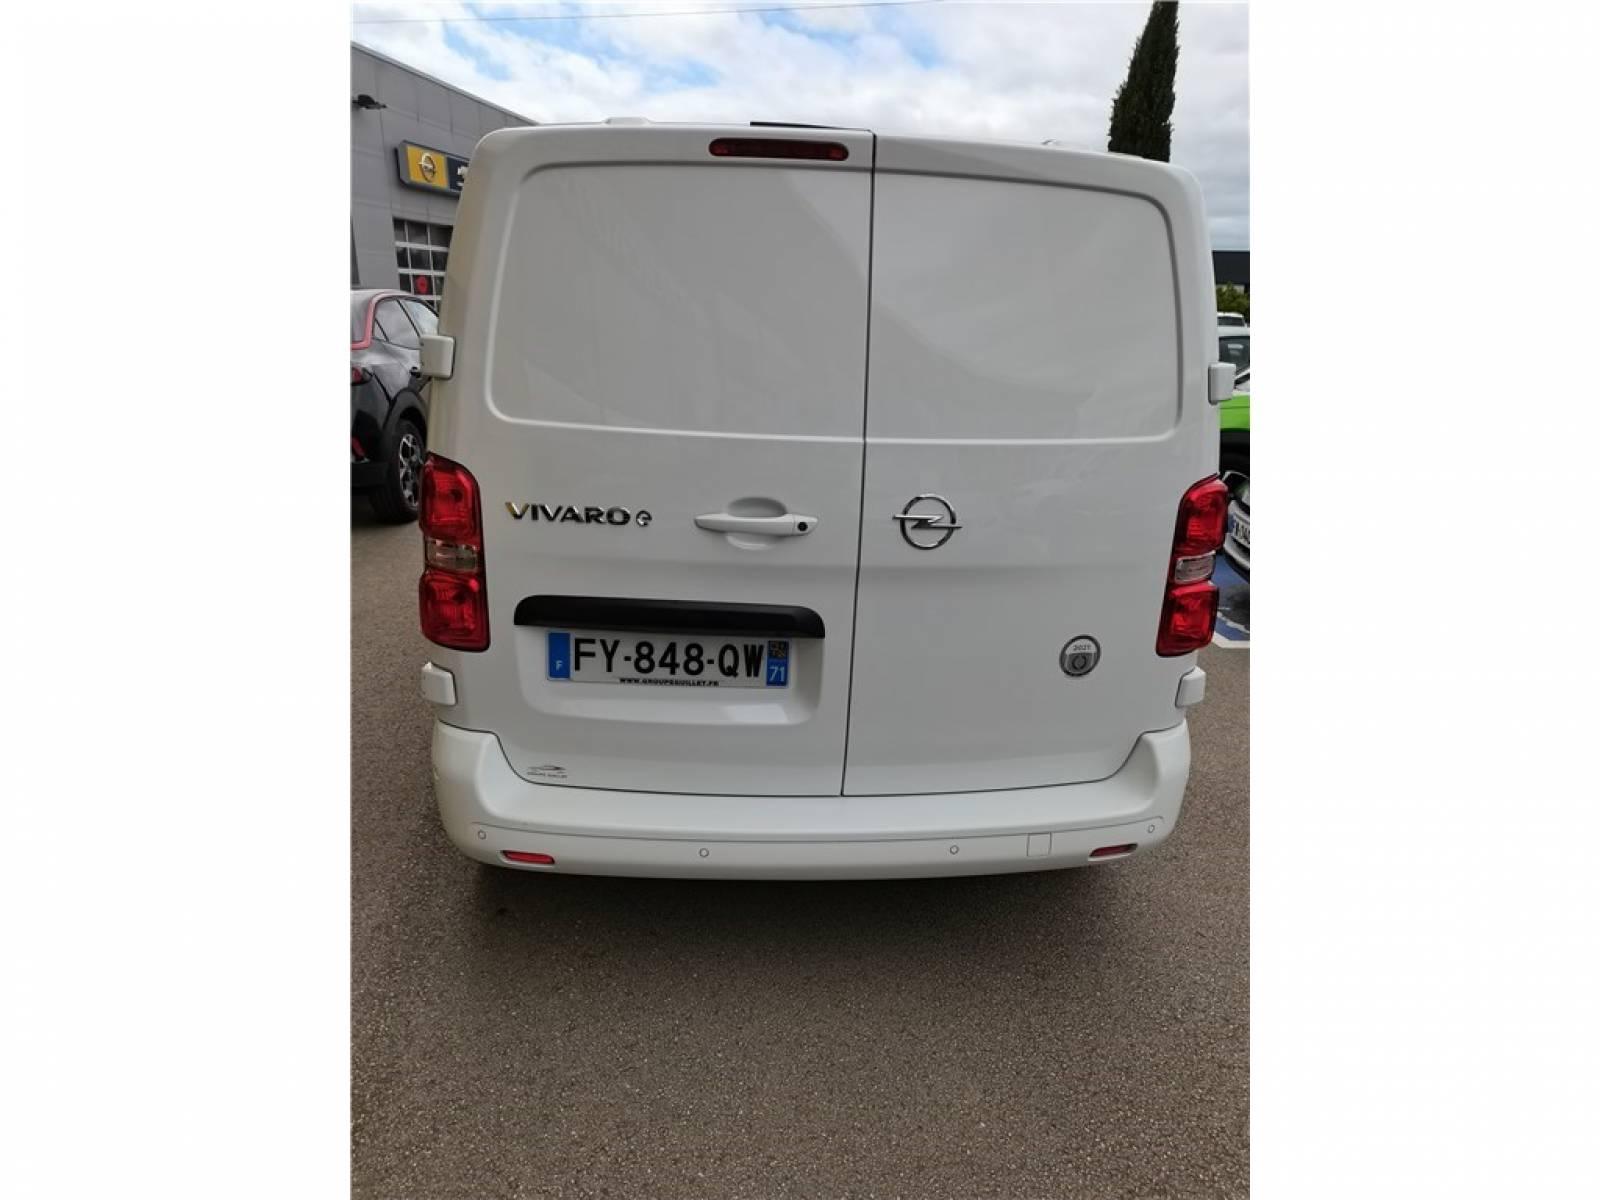 OPEL VIVARO-E FGN L2 300 - véhicule d'occasion - Groupe Guillet - Opel Magicauto - Chalon-sur-Saône - 71380 - Saint-Marcel - 34